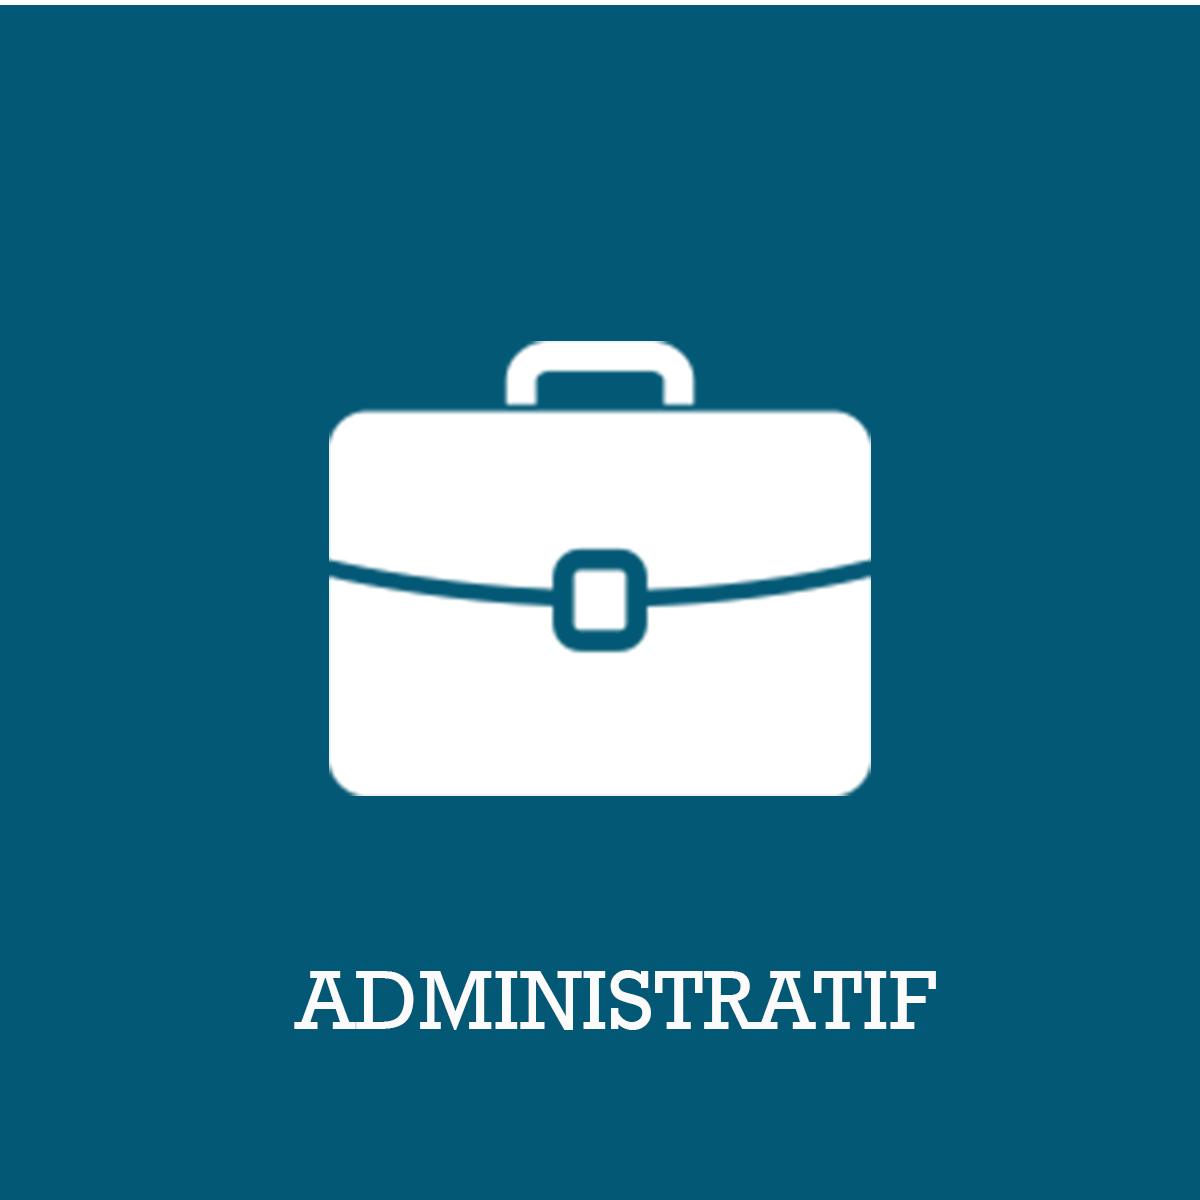 administratif4.png